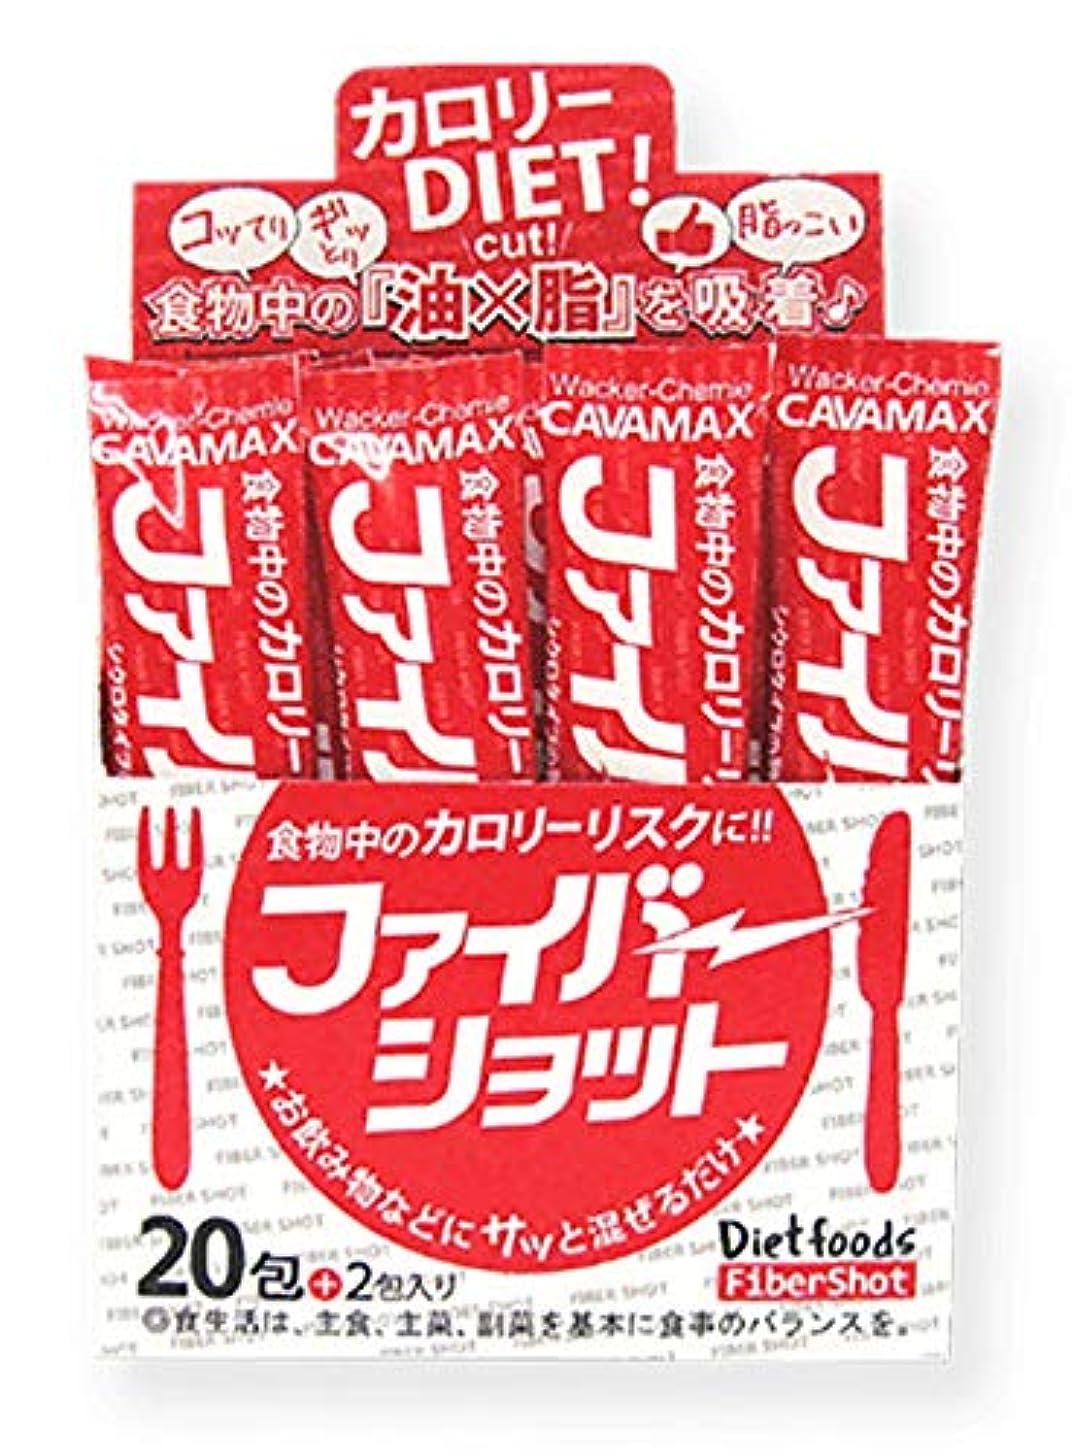 語シニス腰ファイバーショット (5g×22包) αシクロデキストリン 難消化性デキストリン 食物繊維 粉末